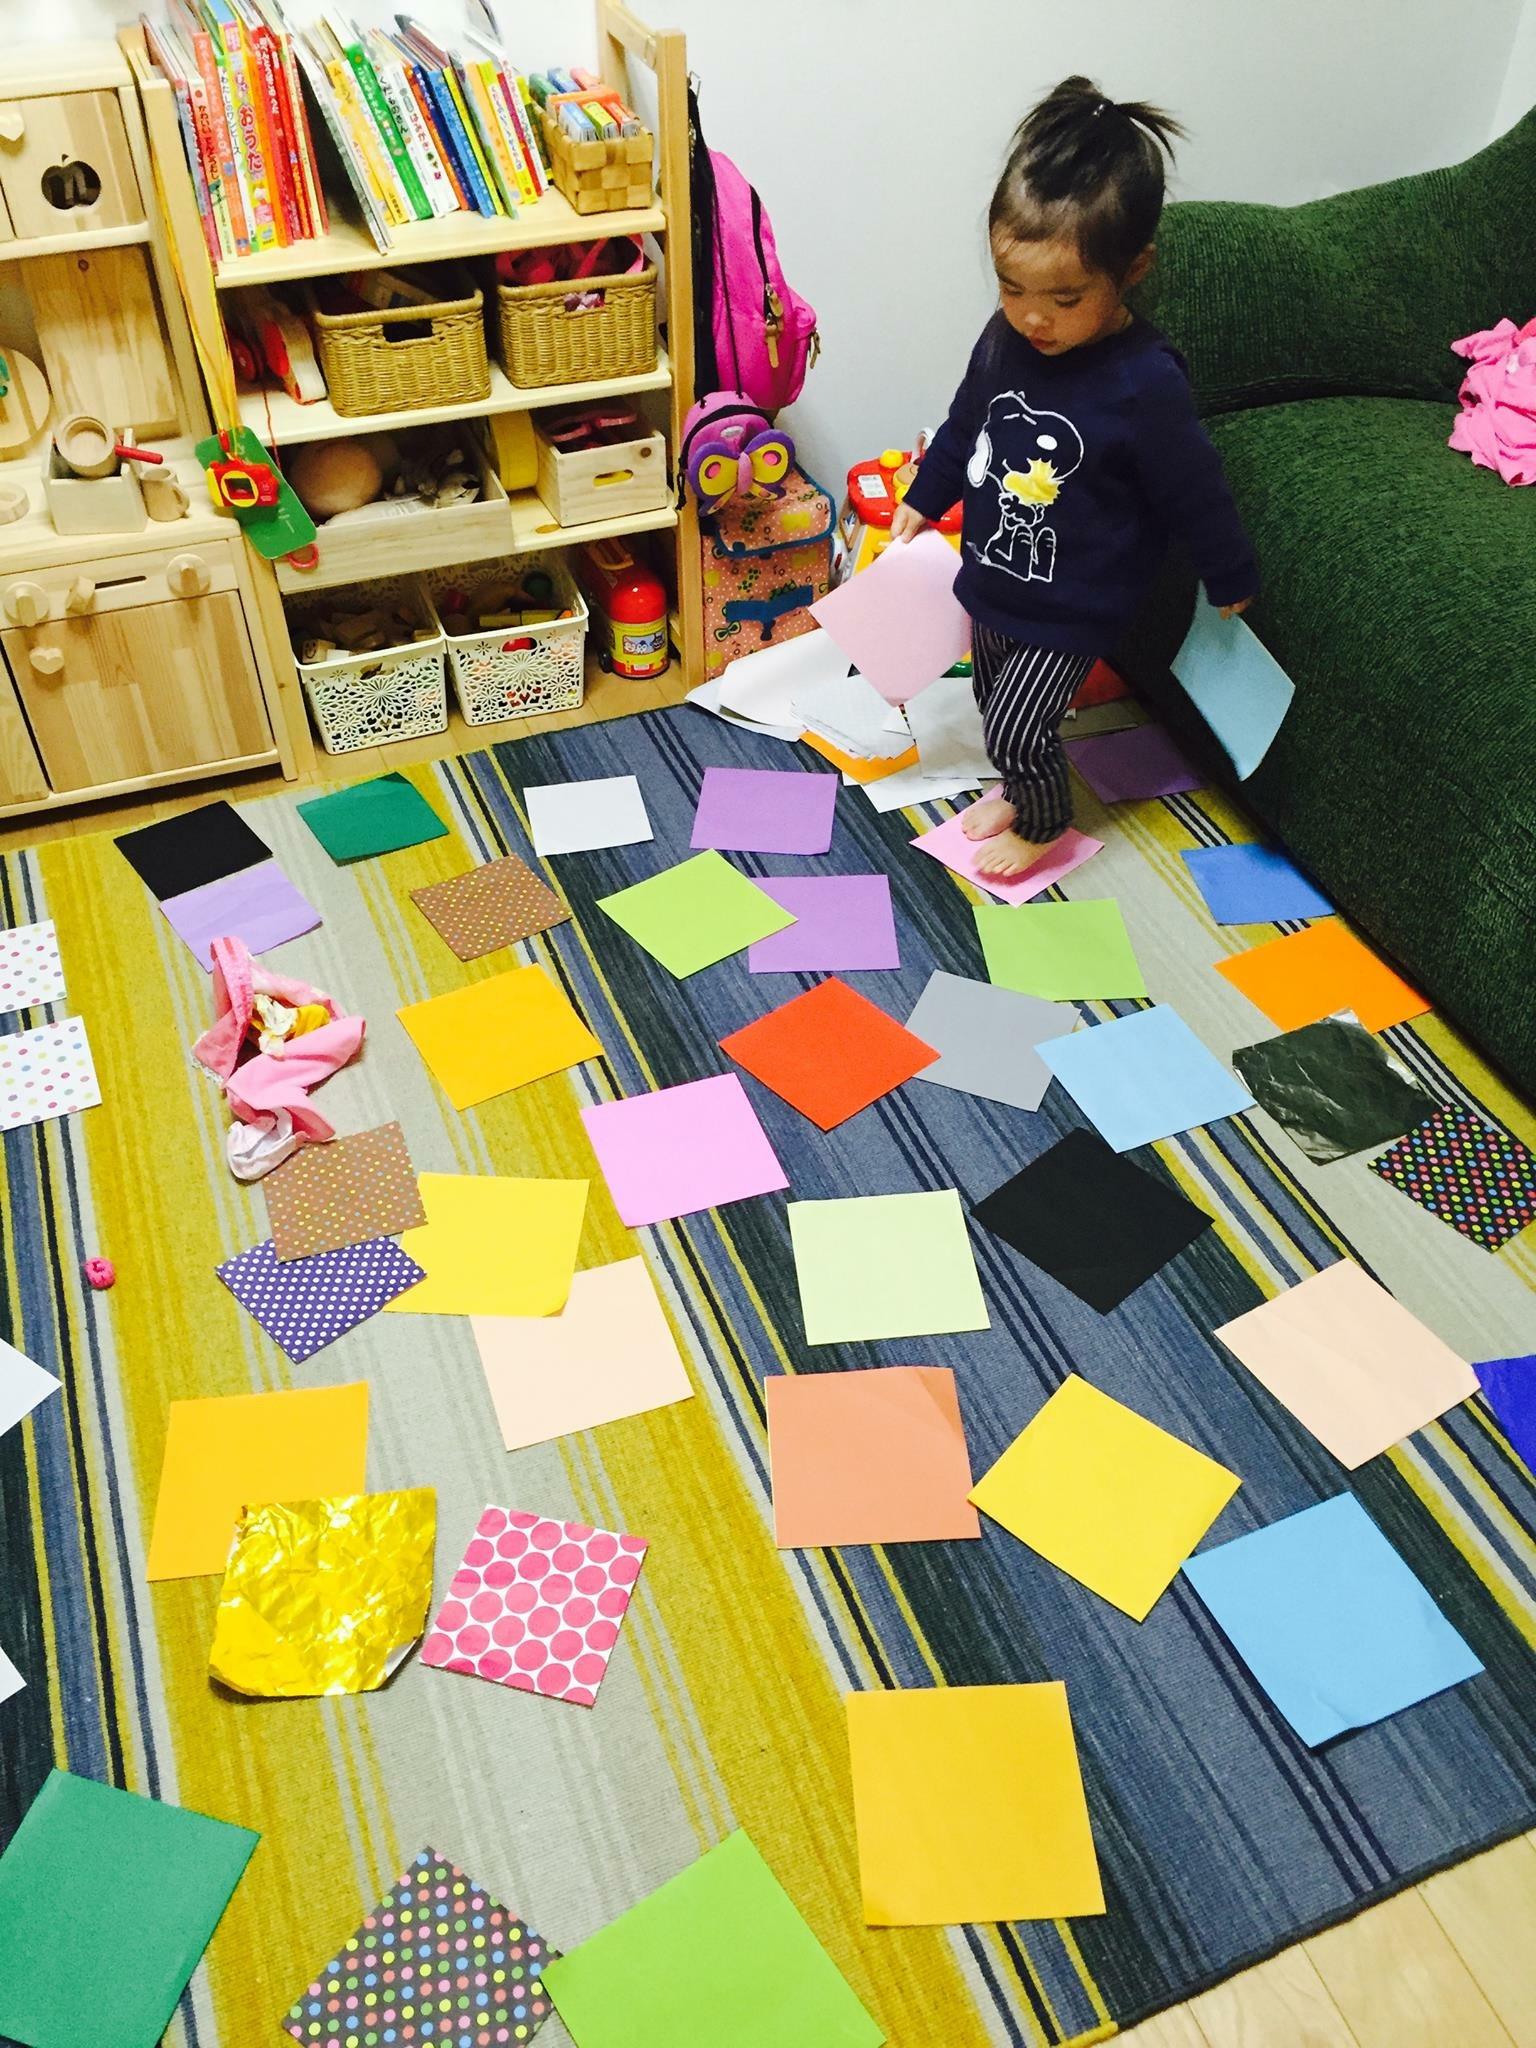 ハグみじゅうたんの上でおり紙遊び